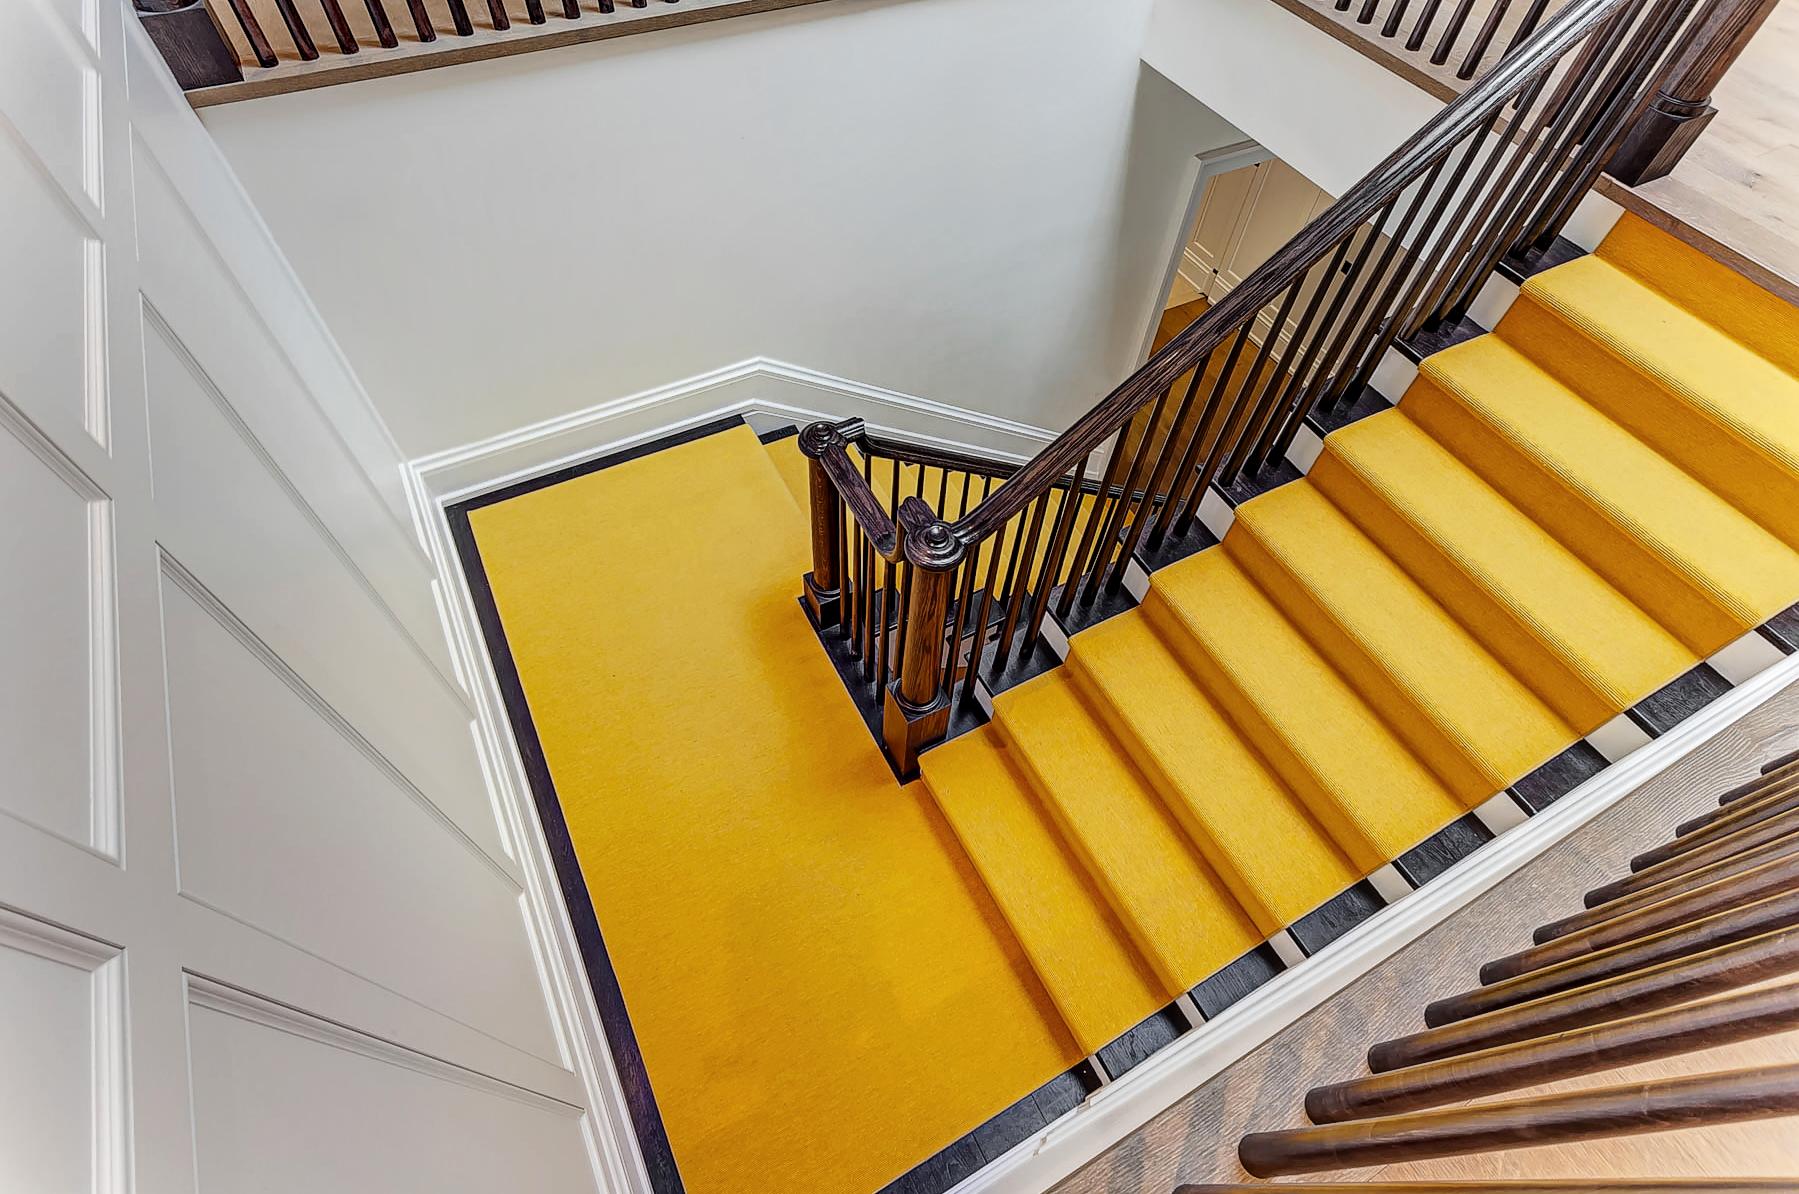 21_Stairs.jpg